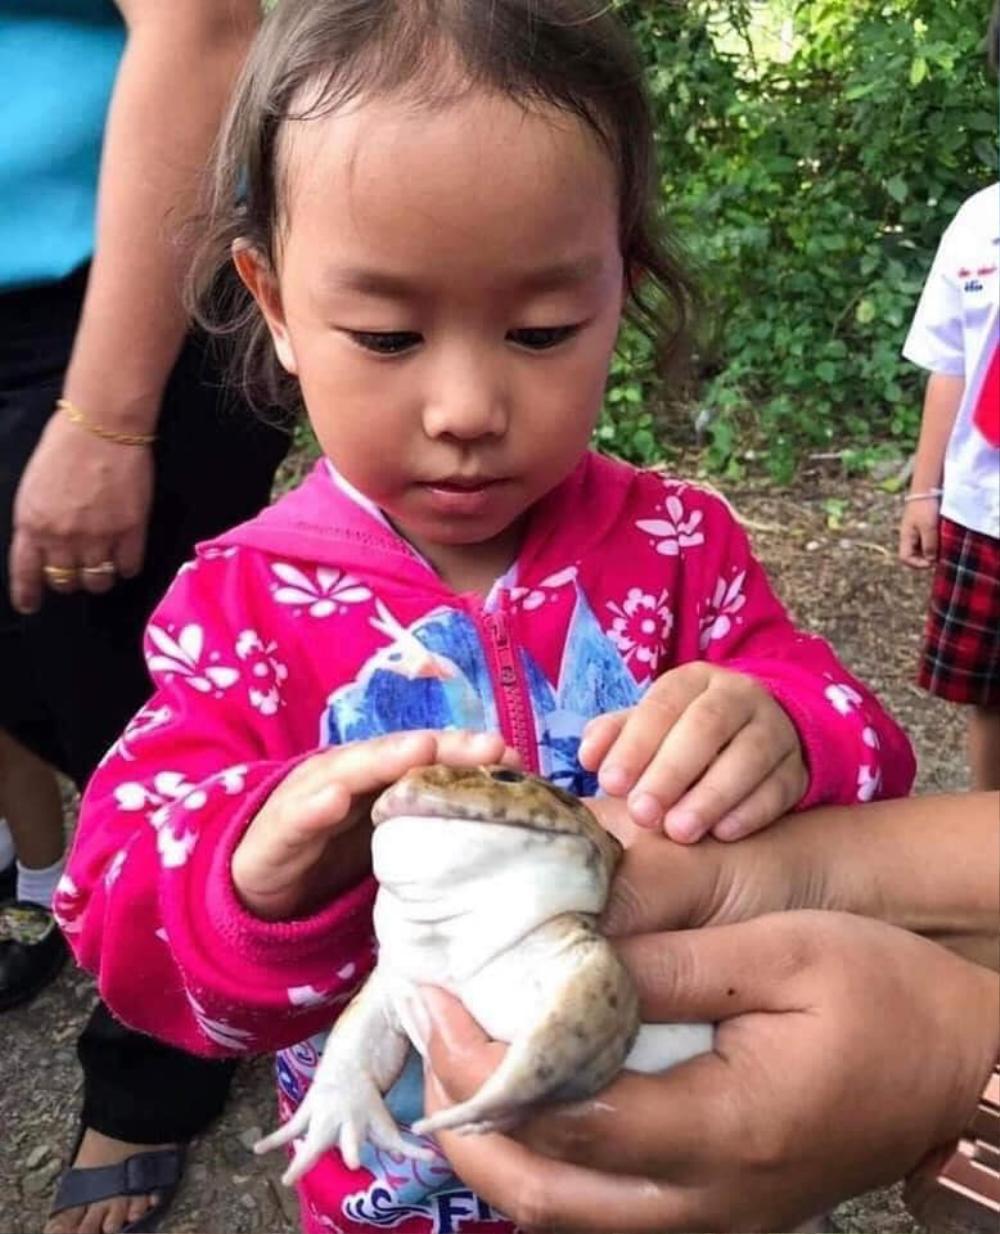 Học trò hào hứng với buổi ngoại khóa ở trại ếch, loạt ảnh cuối ghi lại kết cục bất ngờ của loài lưỡng cư Ảnh 9